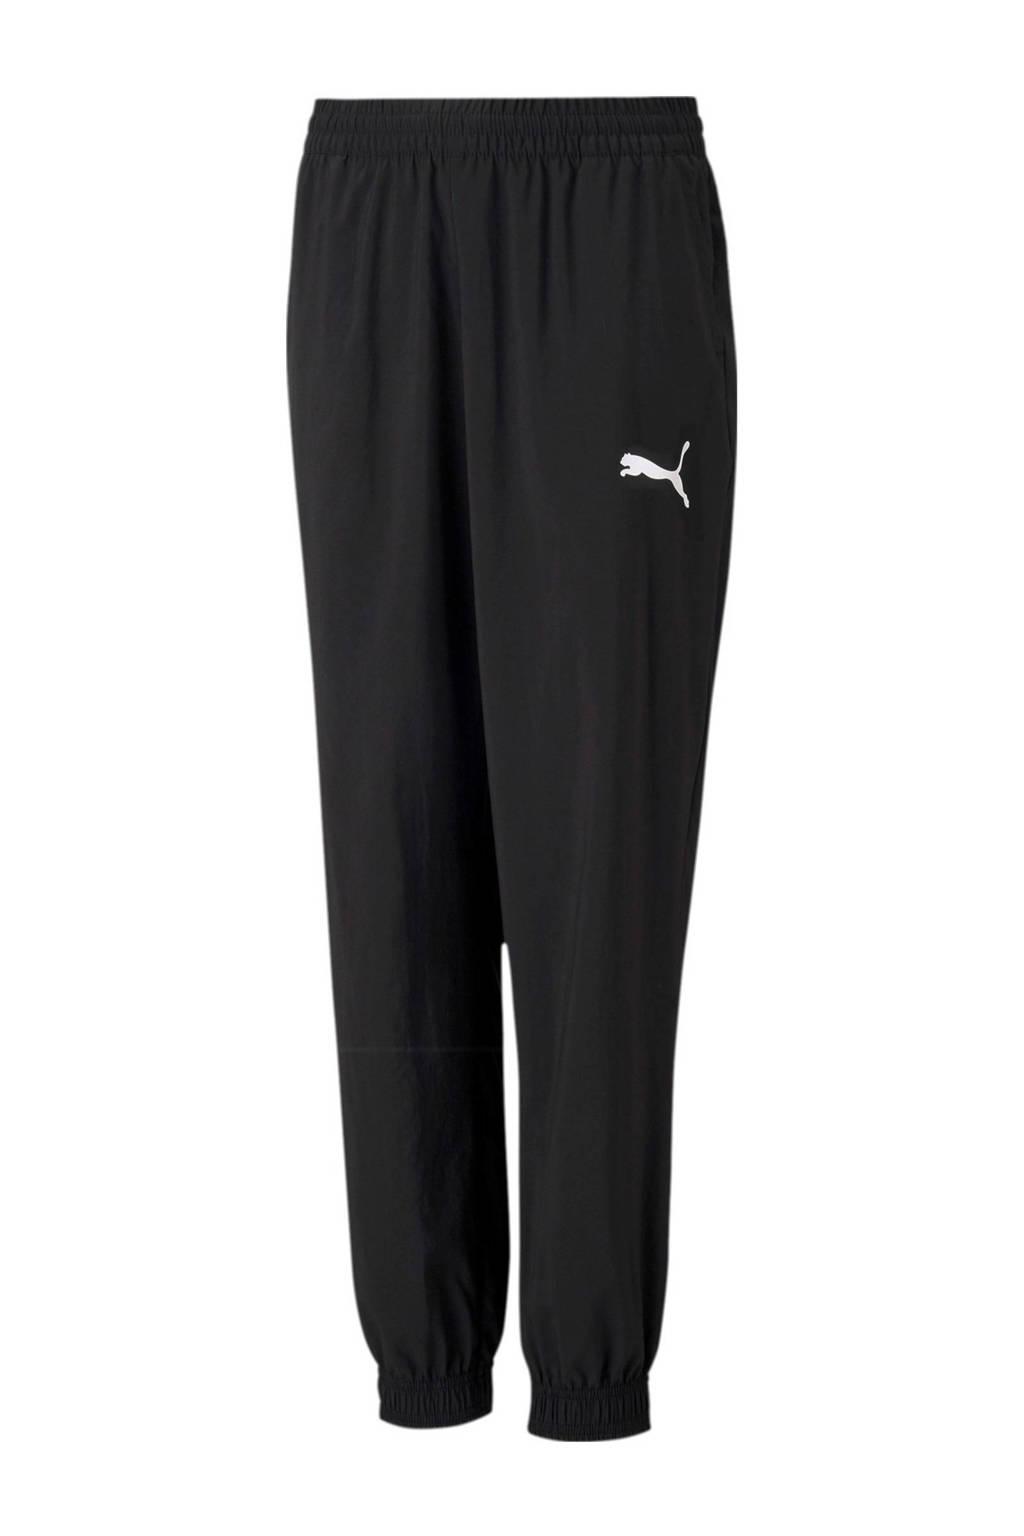 Puma broek zwart, Zwart